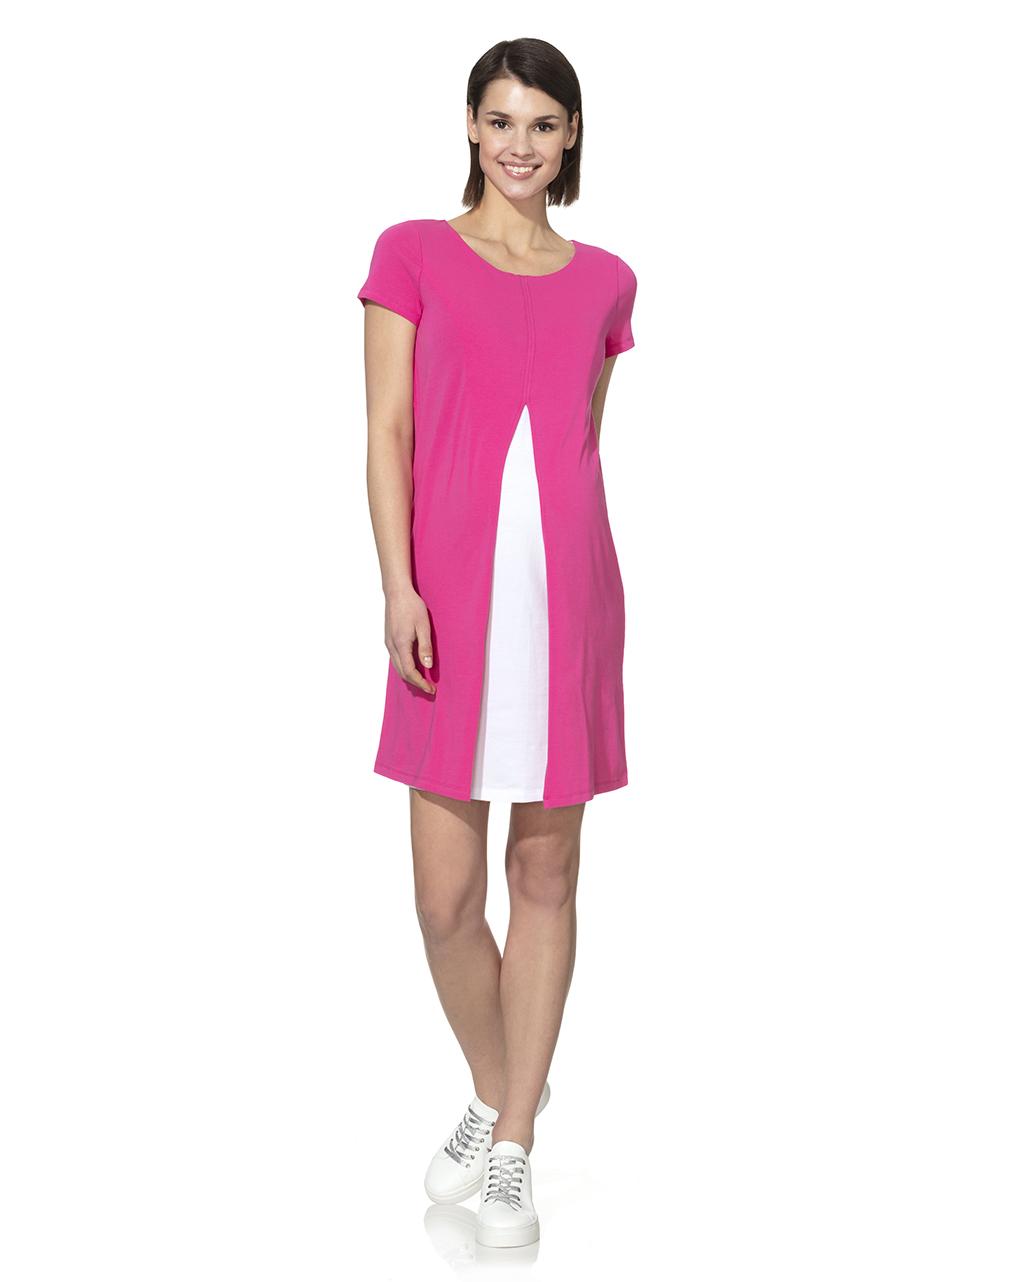 Γυναικείο Φόρεμα Θηλασμού Δίχρωμο